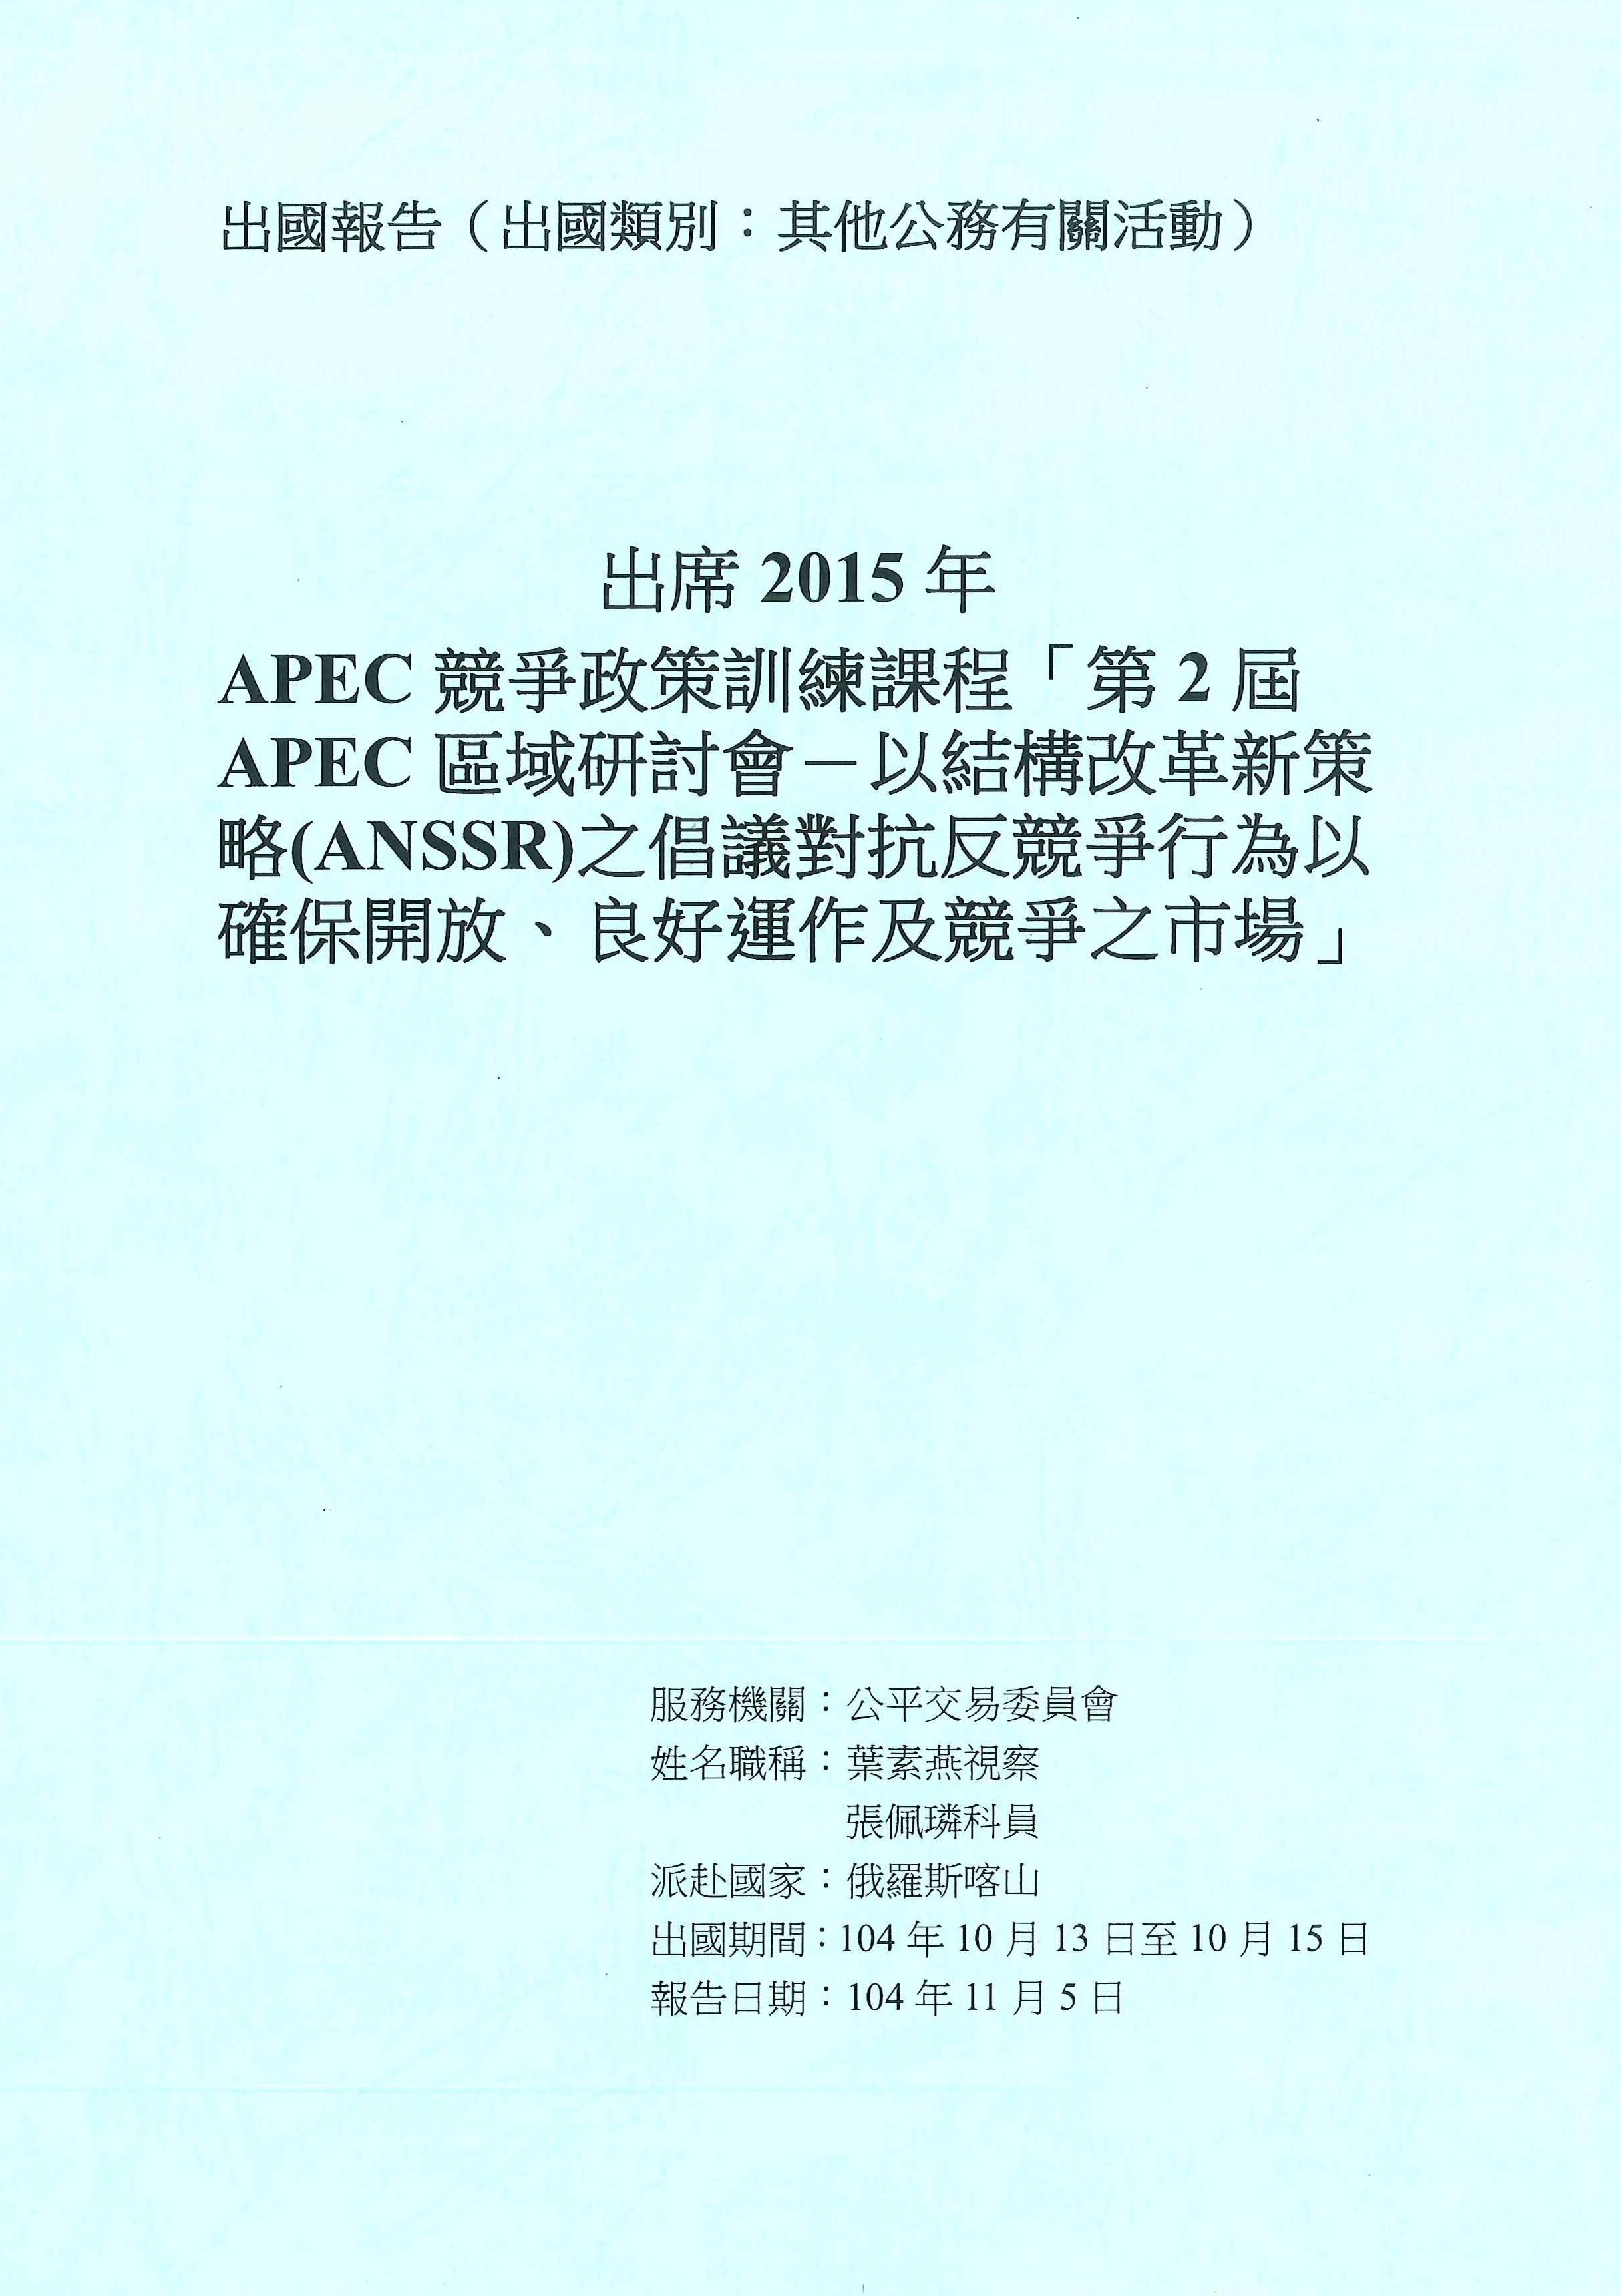 出席2015年APEC競爭政策訓練課程「第2屆APEC區域研討會-以結構改革新策略(ANSSR)之倡議對抗反競爭行為以確保開放、良好運作及競爭之市場」